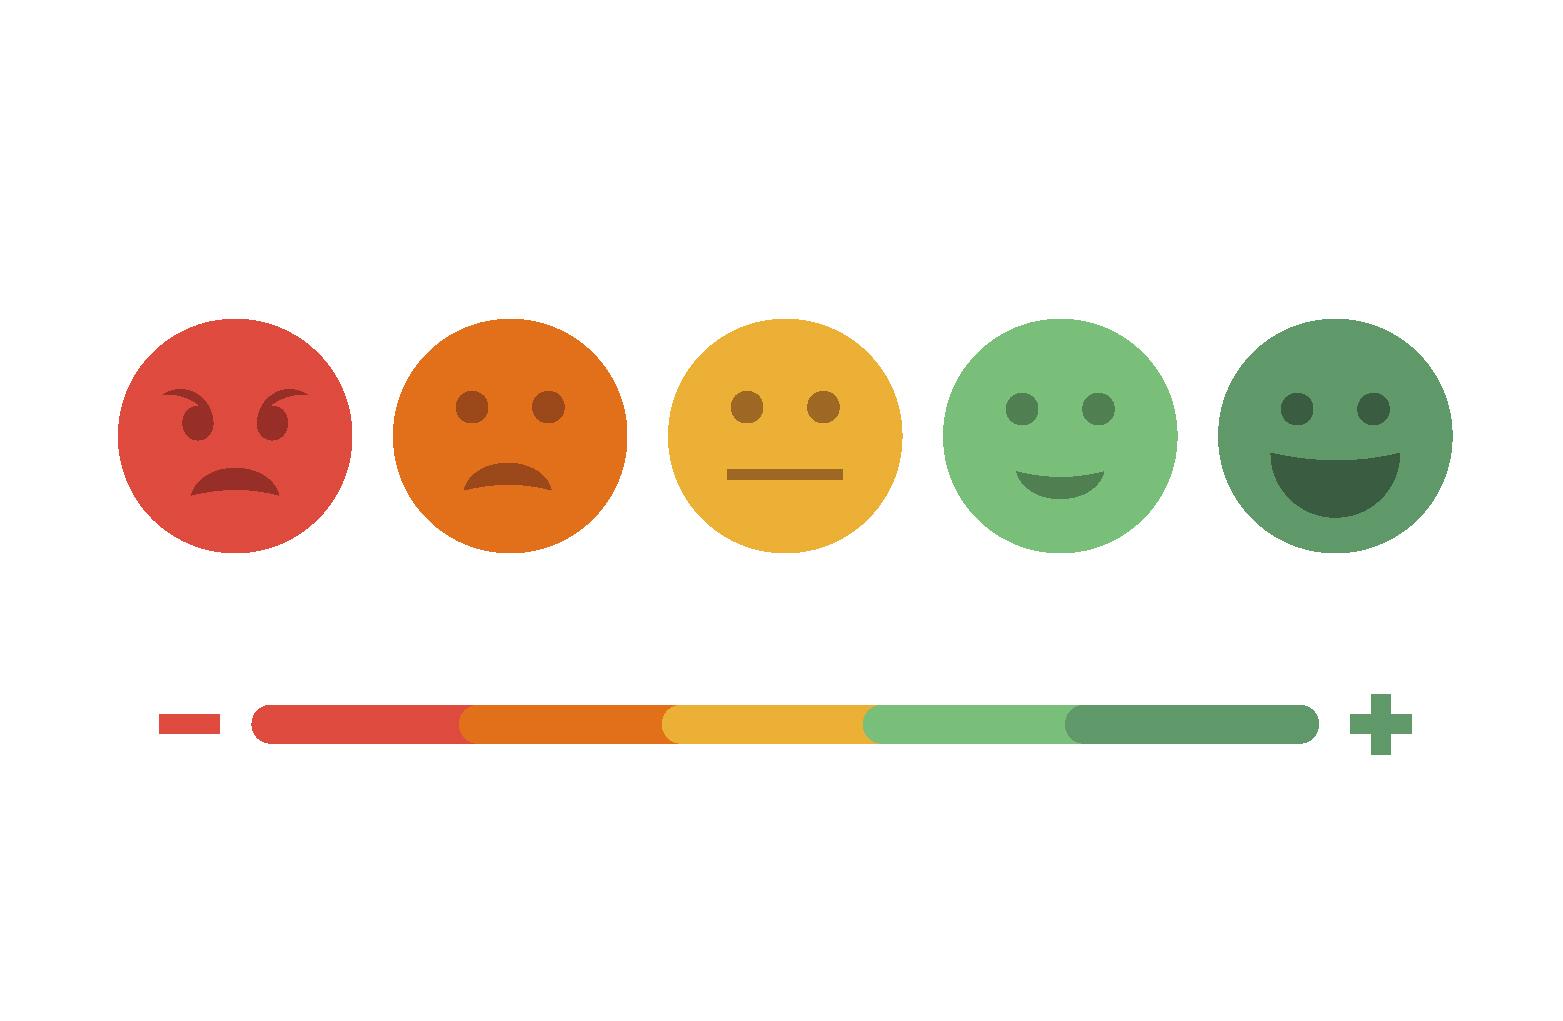 Cómo manejar las redes sociales de una empresa con mala reputación